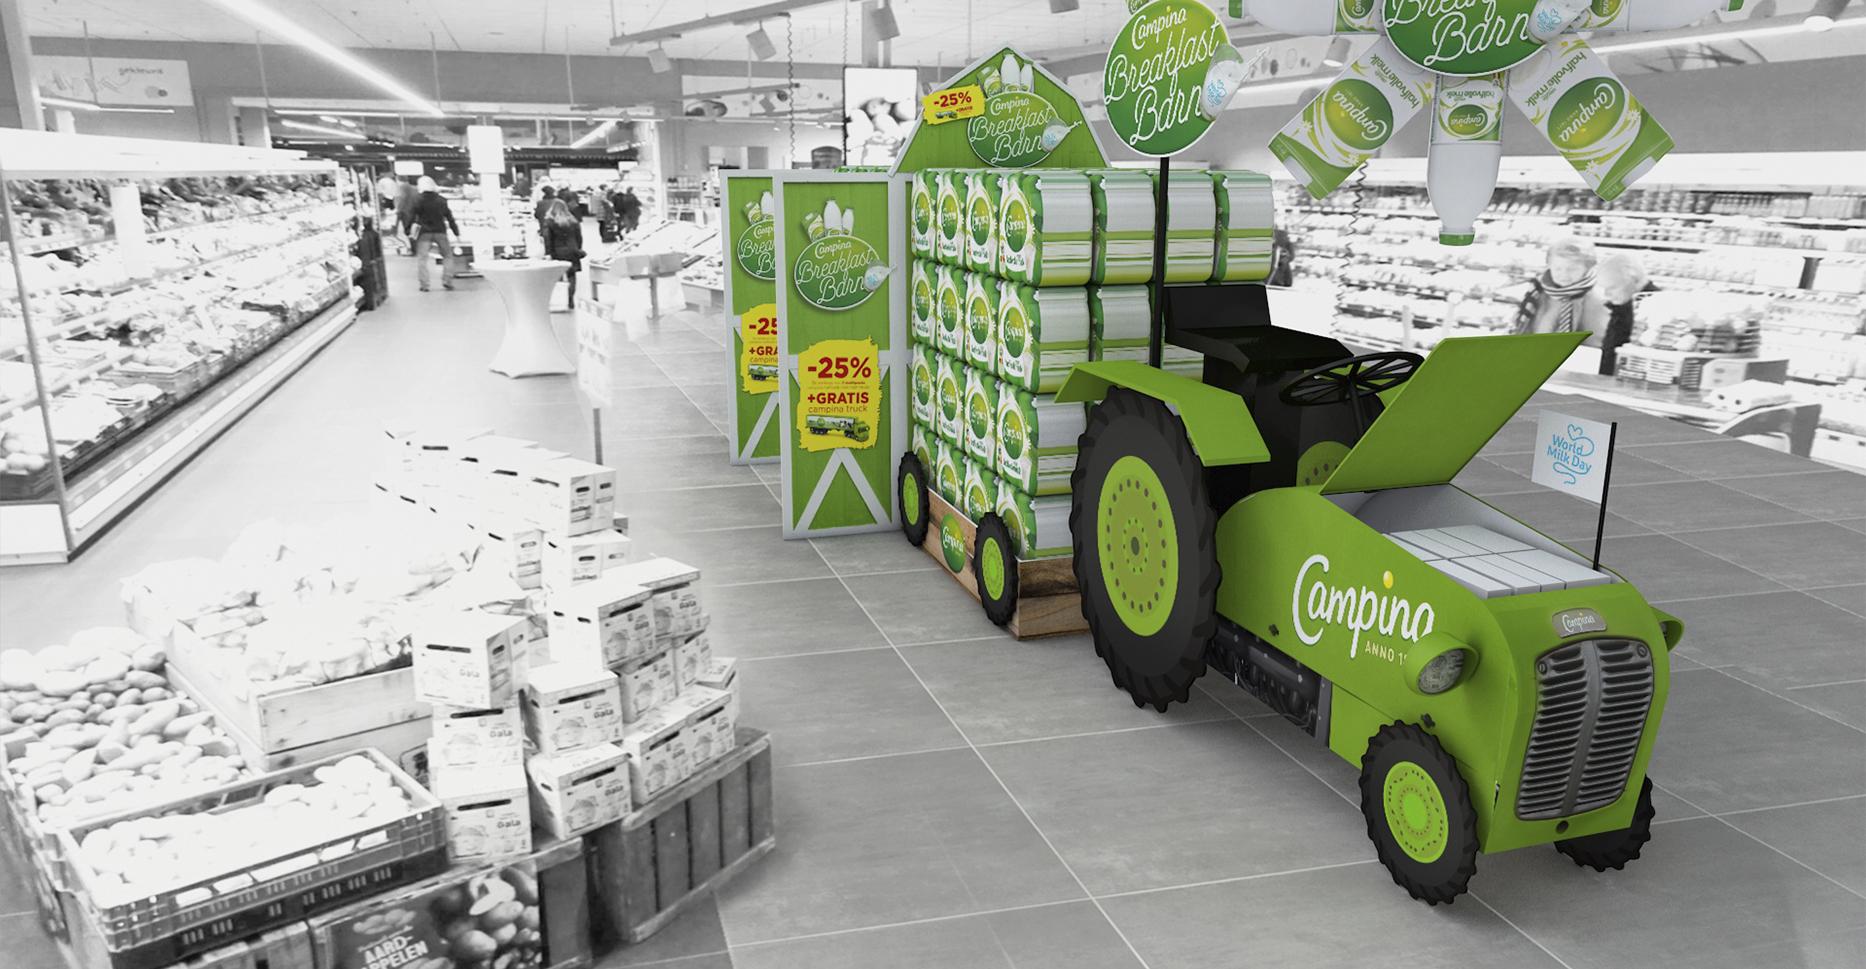 Campina_Tractor_1_0008_CAMPINA_BARN_SETTING_01_DDL.jpg